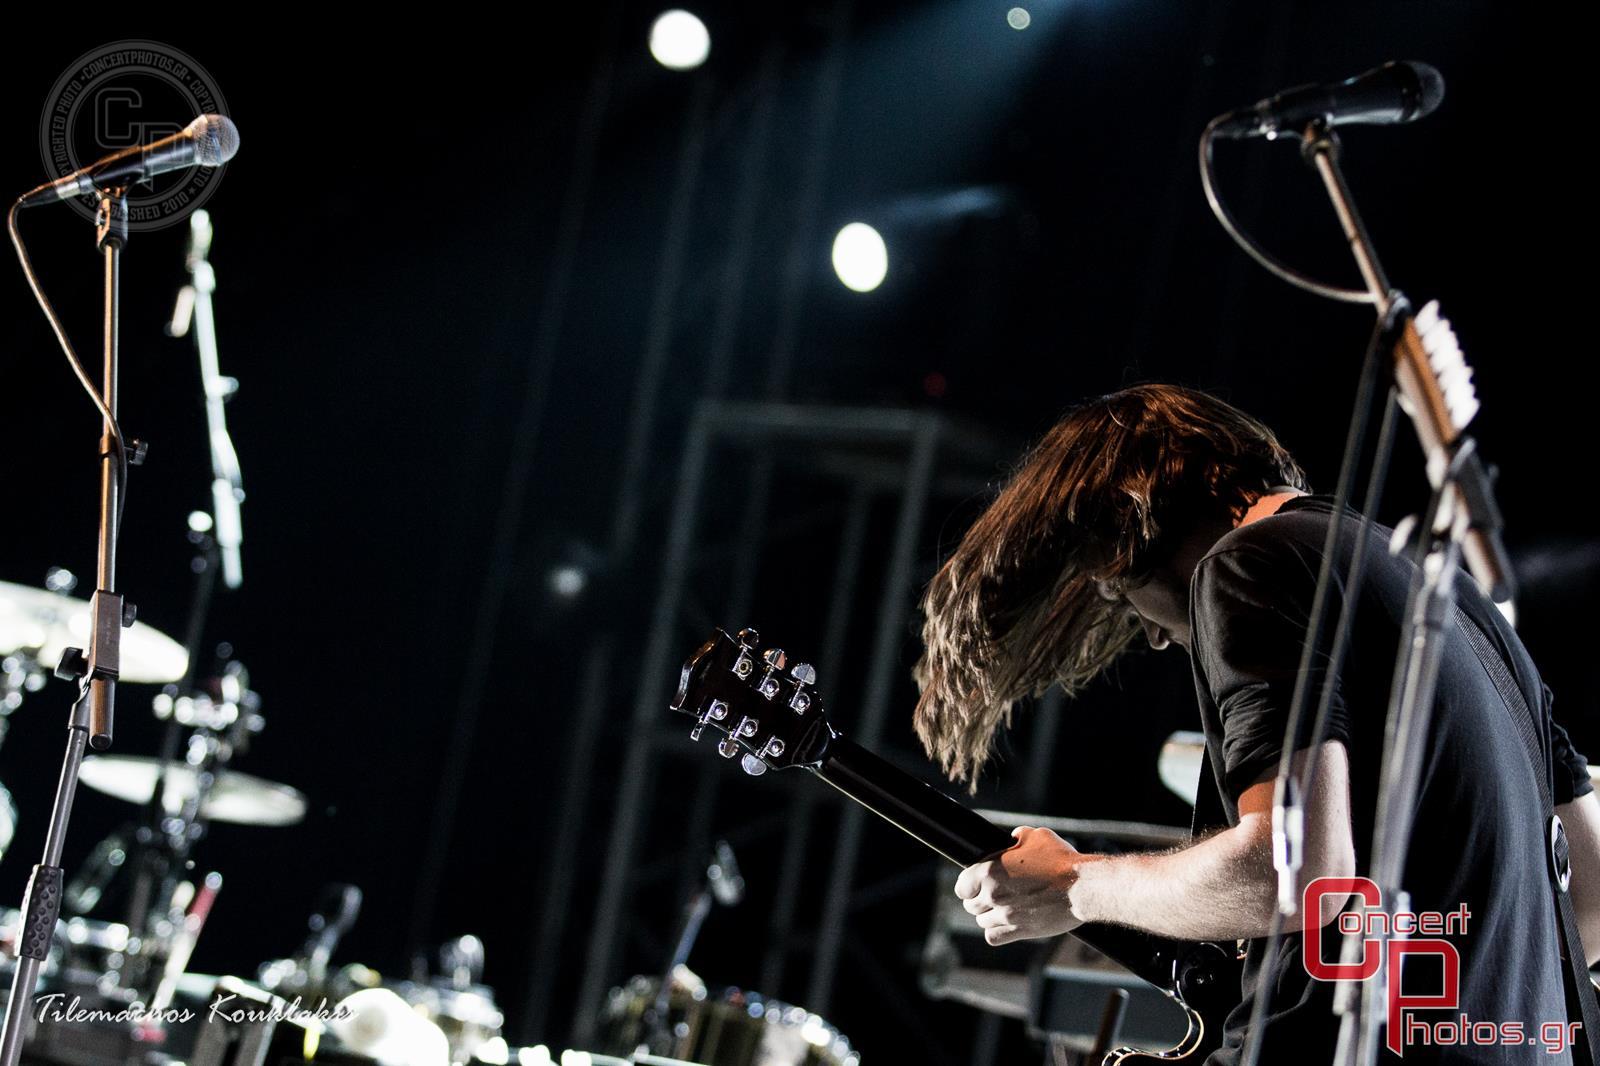 James & Moan-James-Theatro Vrachon photographer:  - Rockwave-2014-12